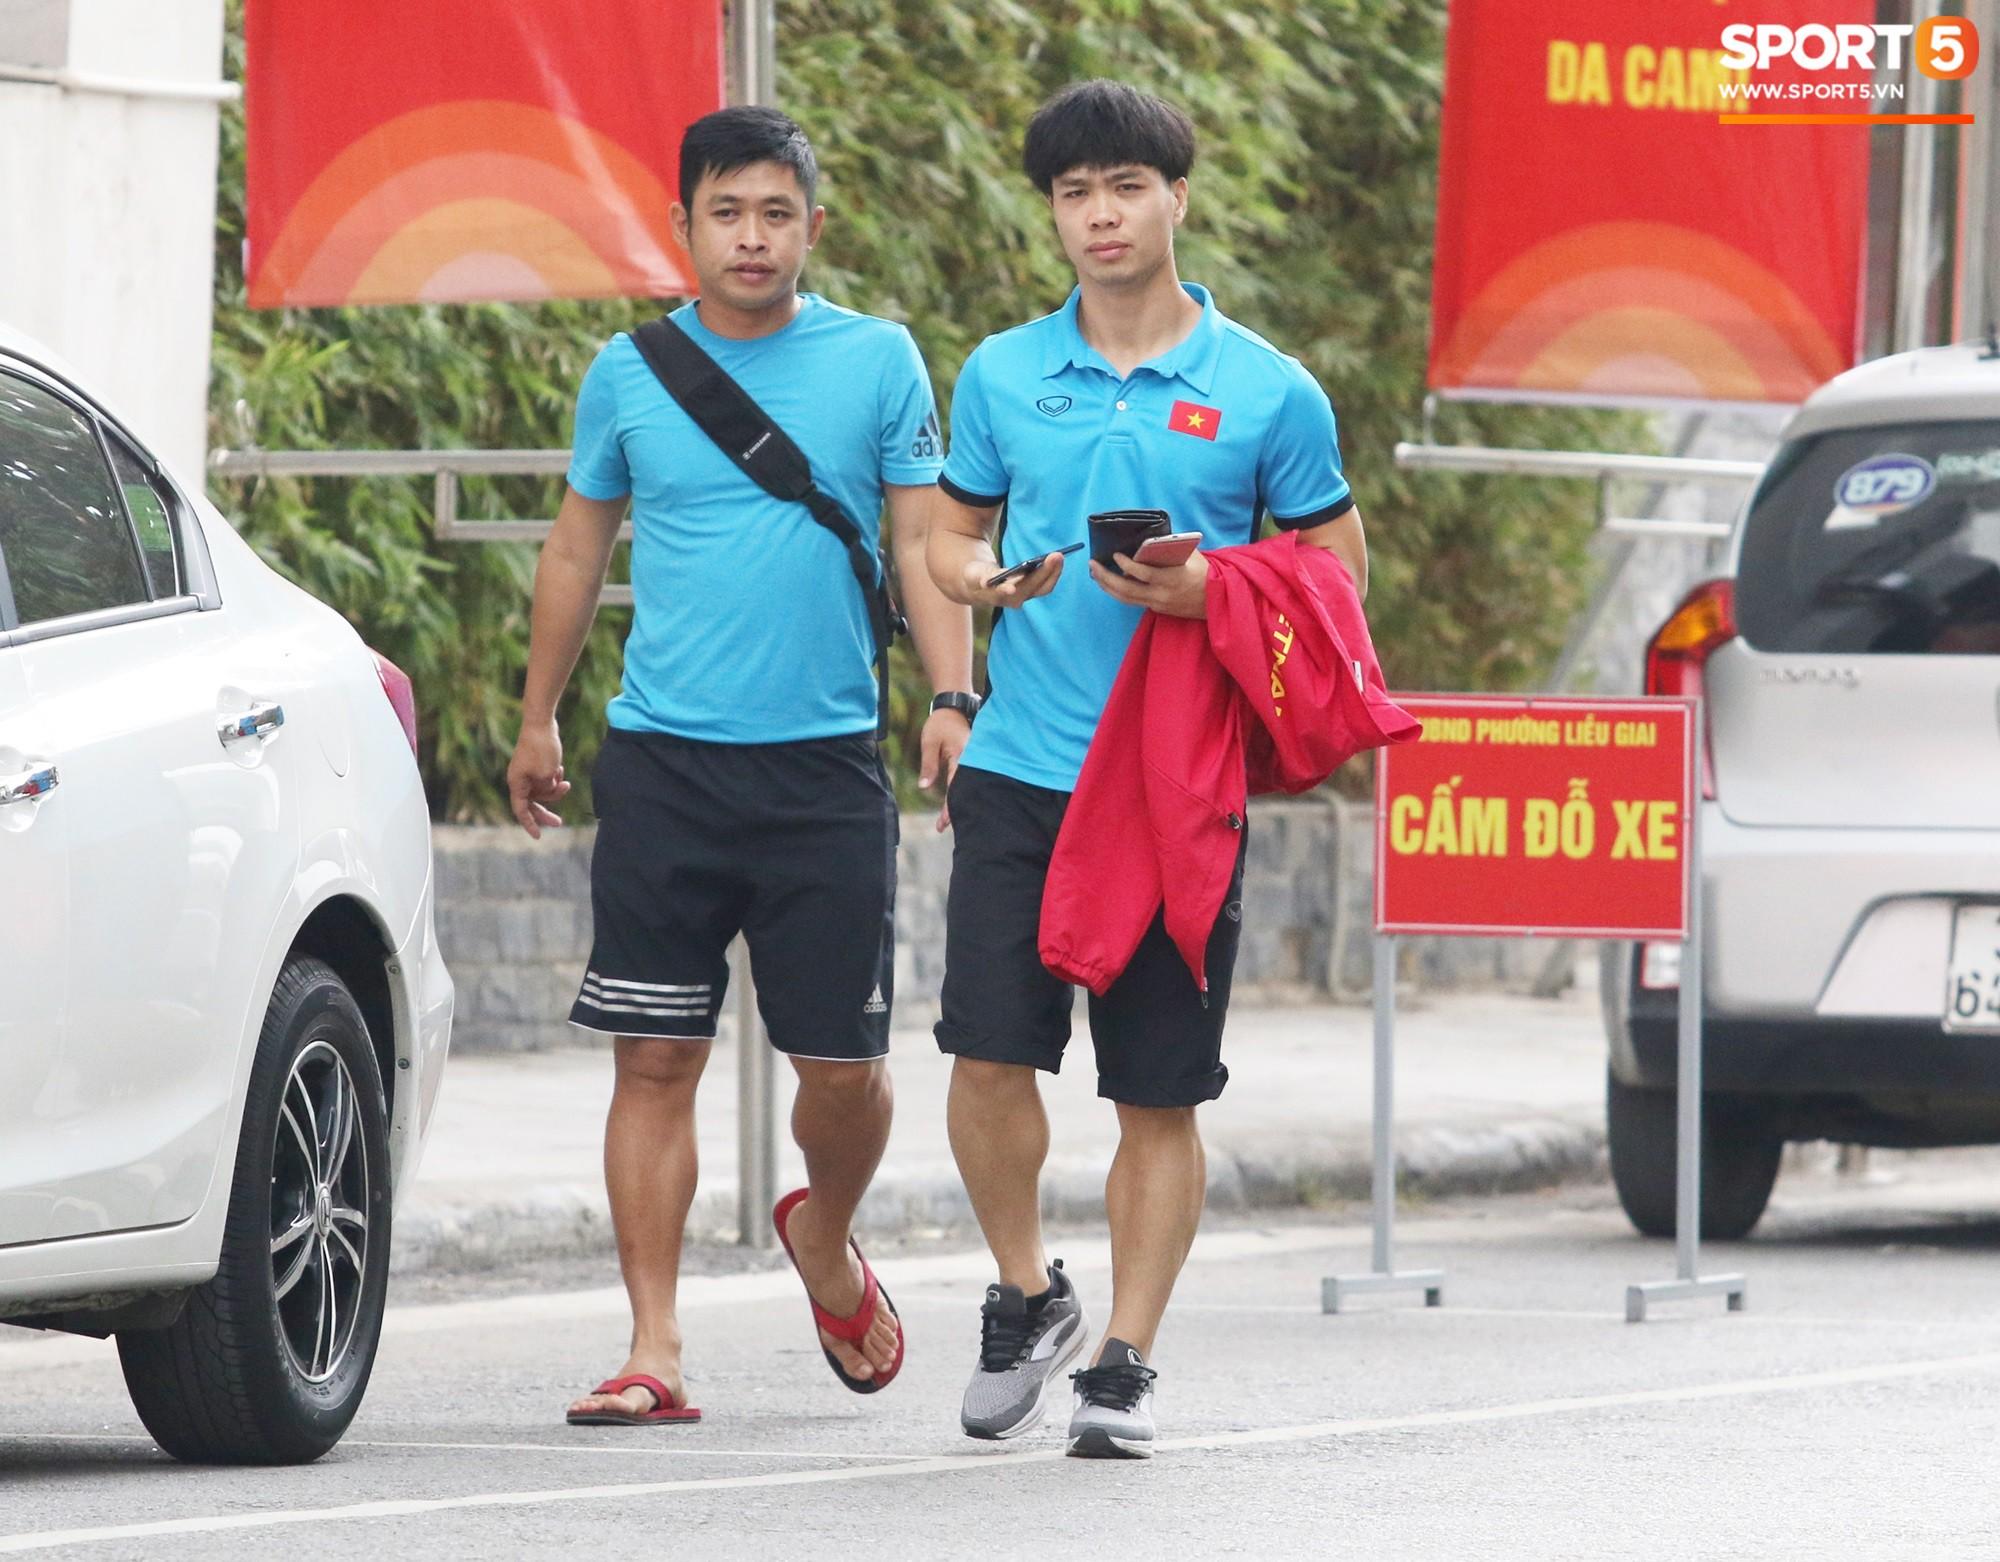 Tuyển Việt Nam bận rộn trong buổi sáng nghỉ ngơi hiếm hoi trước trận bán kết AFF Cup 2018 - Ảnh 6.